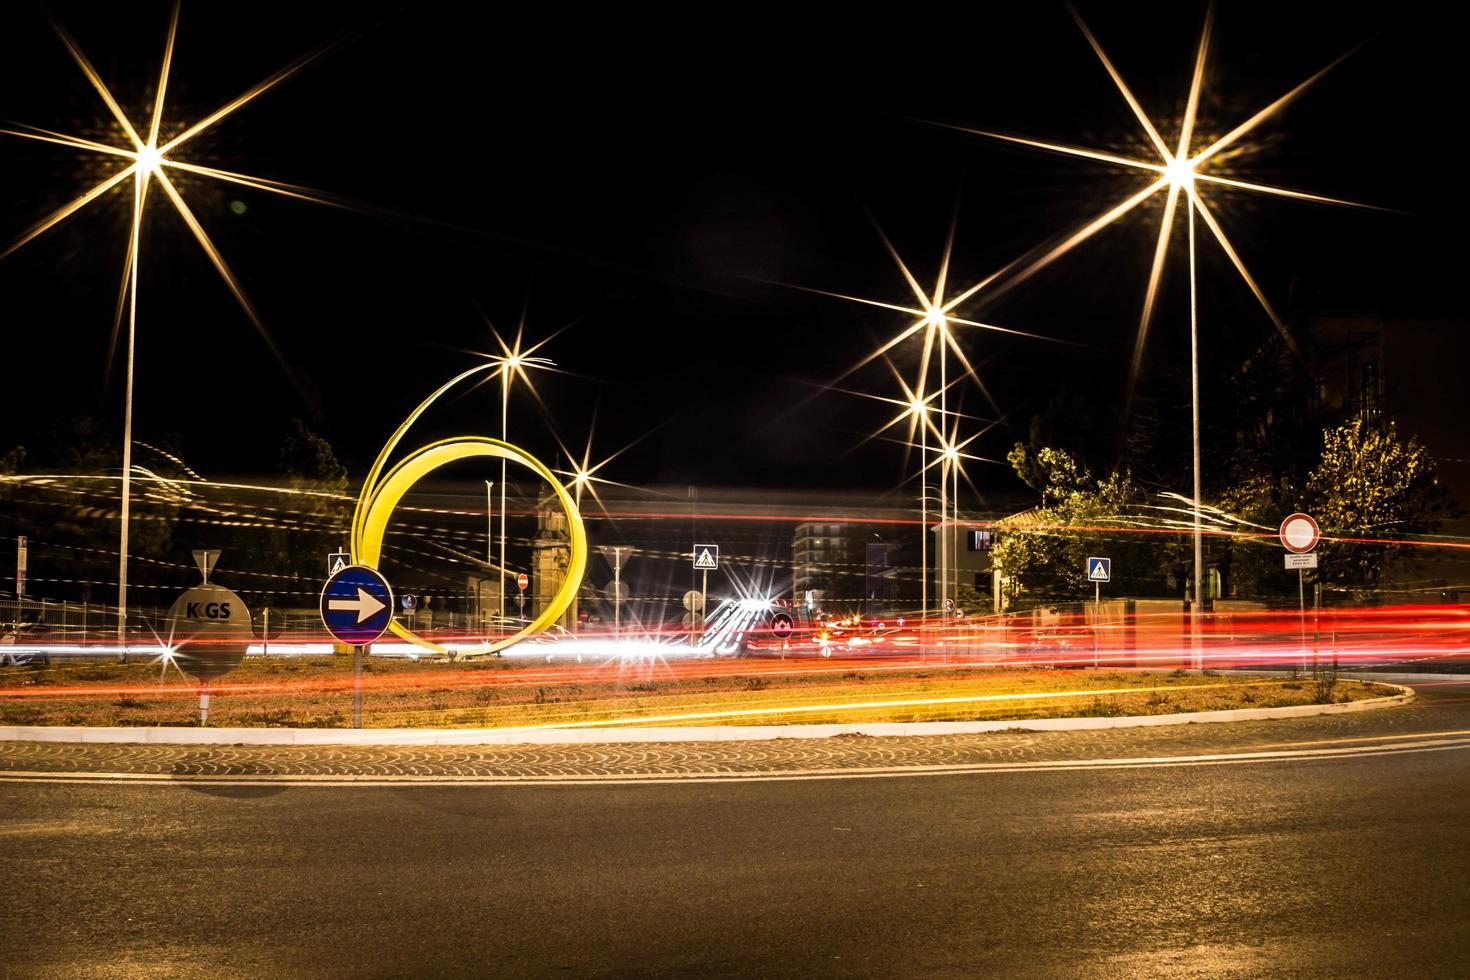 Fotografía de larga exposición de la carretera durante la noche. foto